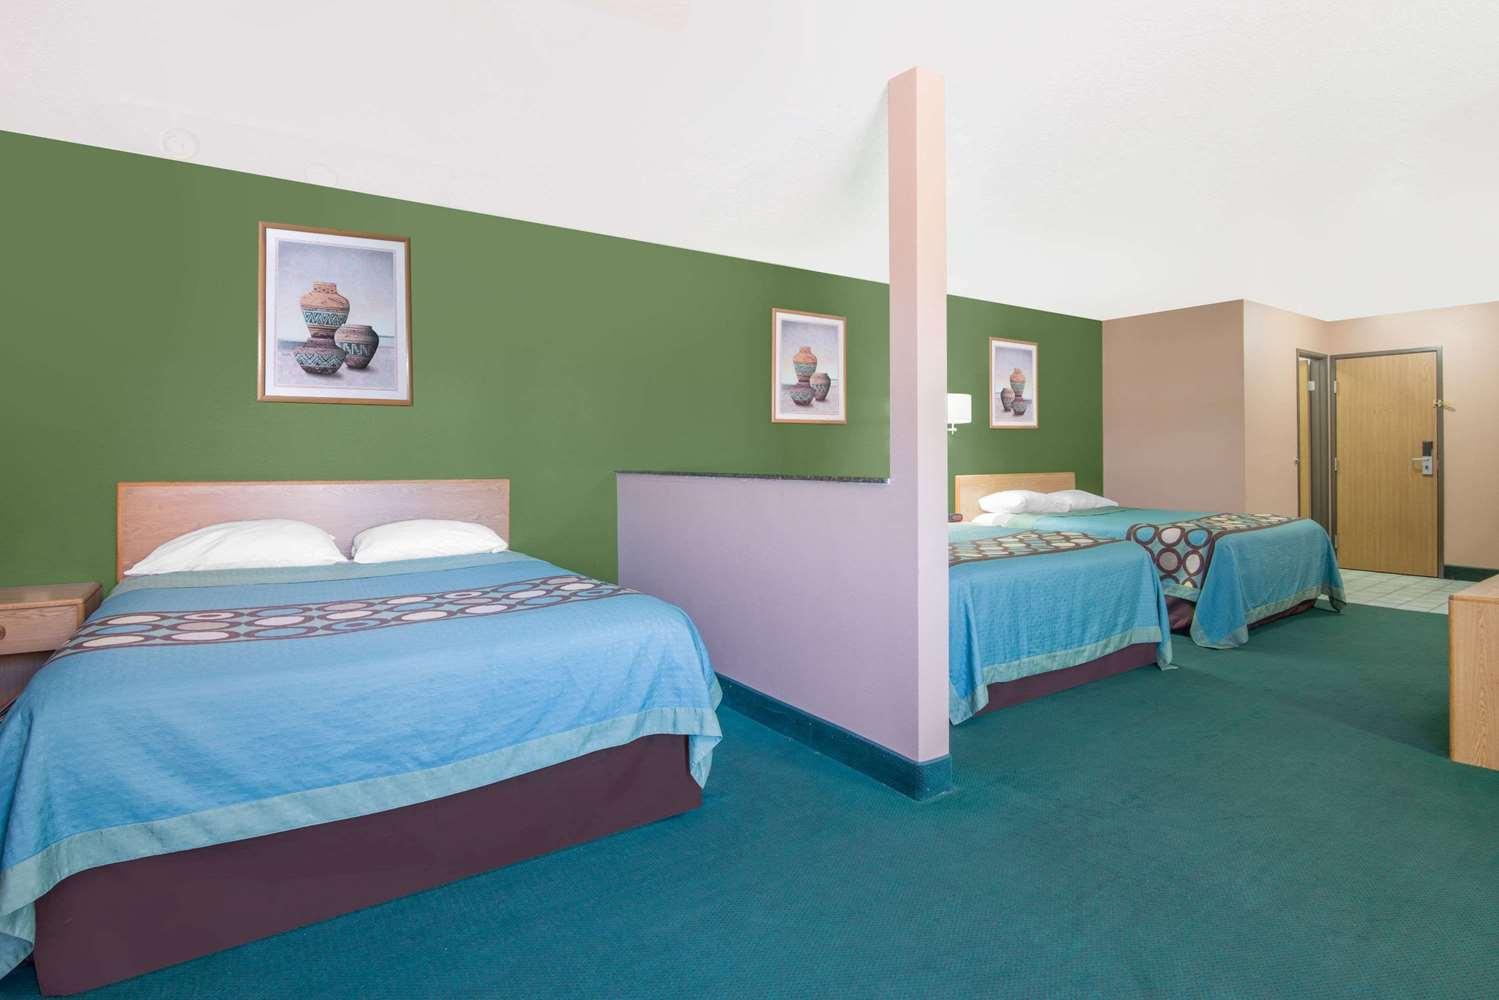 Room Super 8 Hotel Fort Sumner